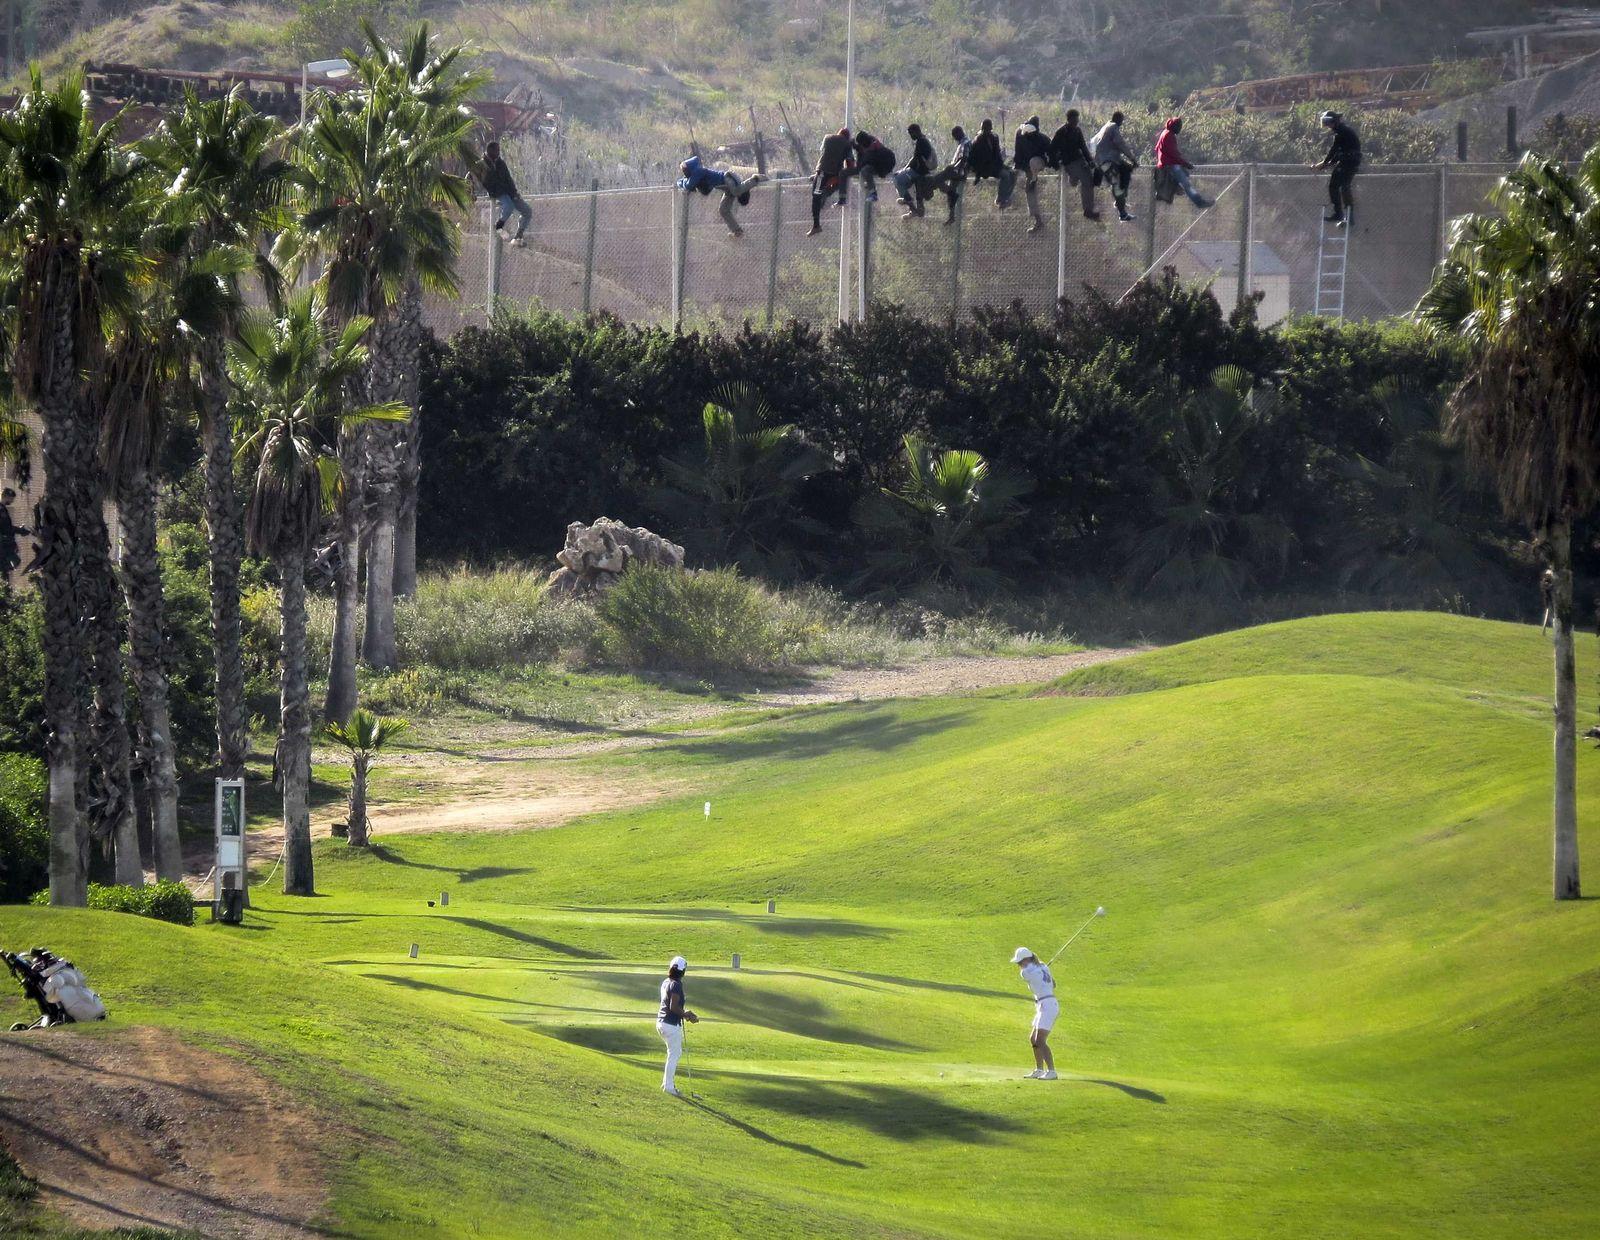 Spanien/ Marokko/ Melilla/ Flüchtlinge/ Golf